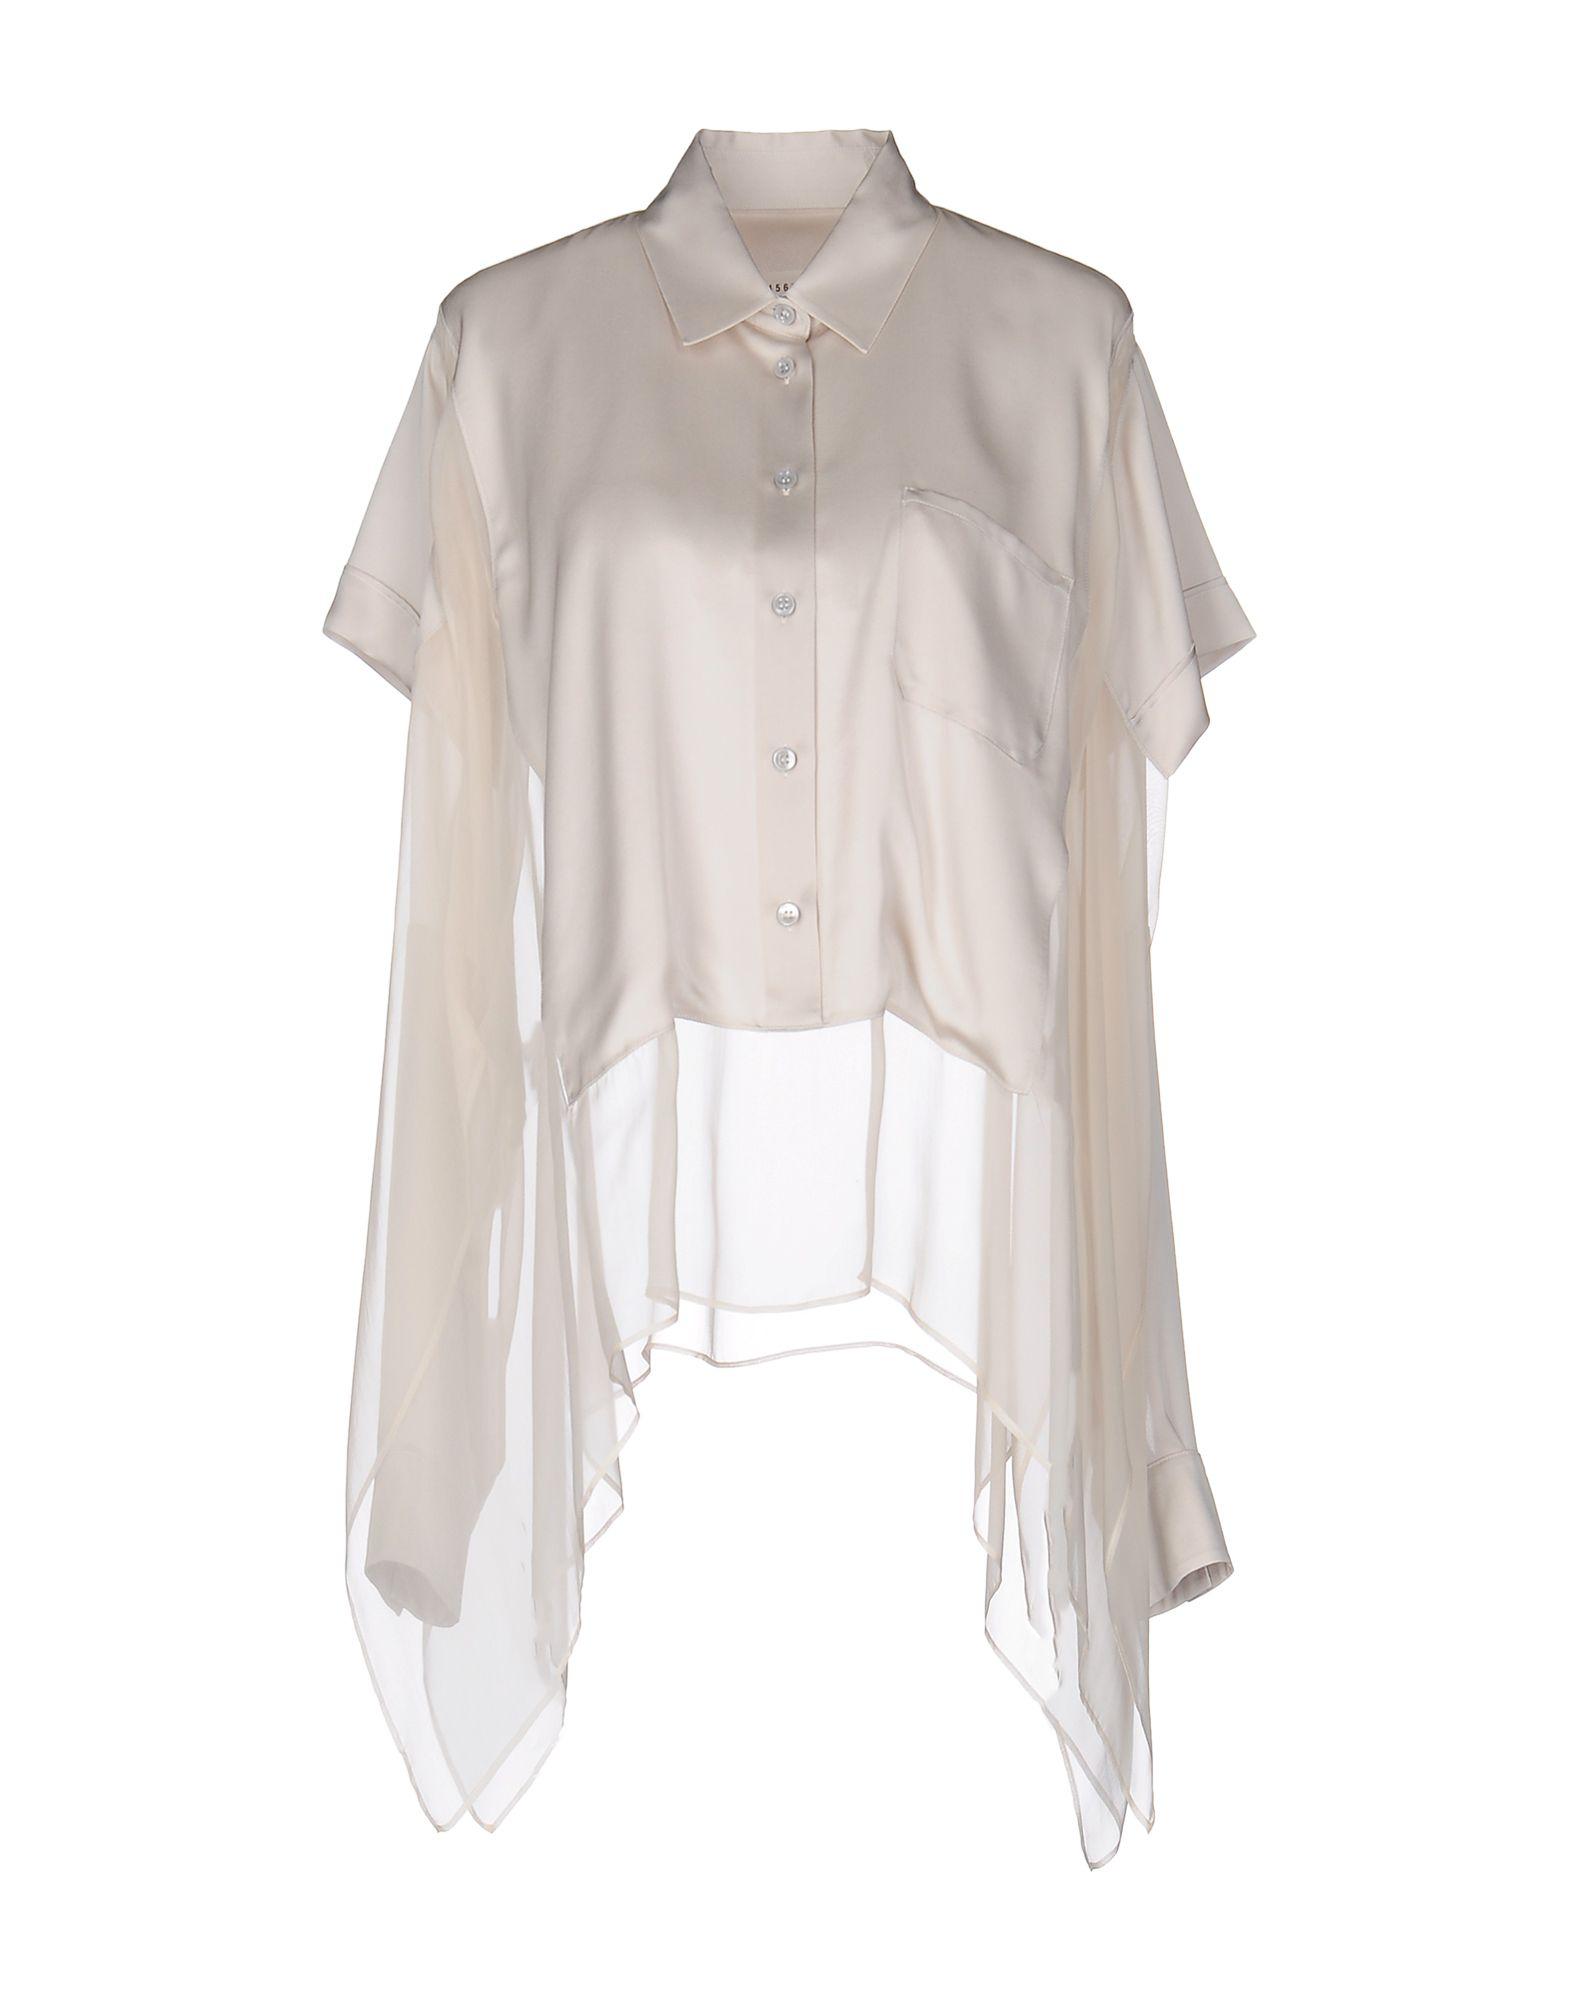 MAISON MARGIELA Damen Hemd Farbe Beige Größe 3